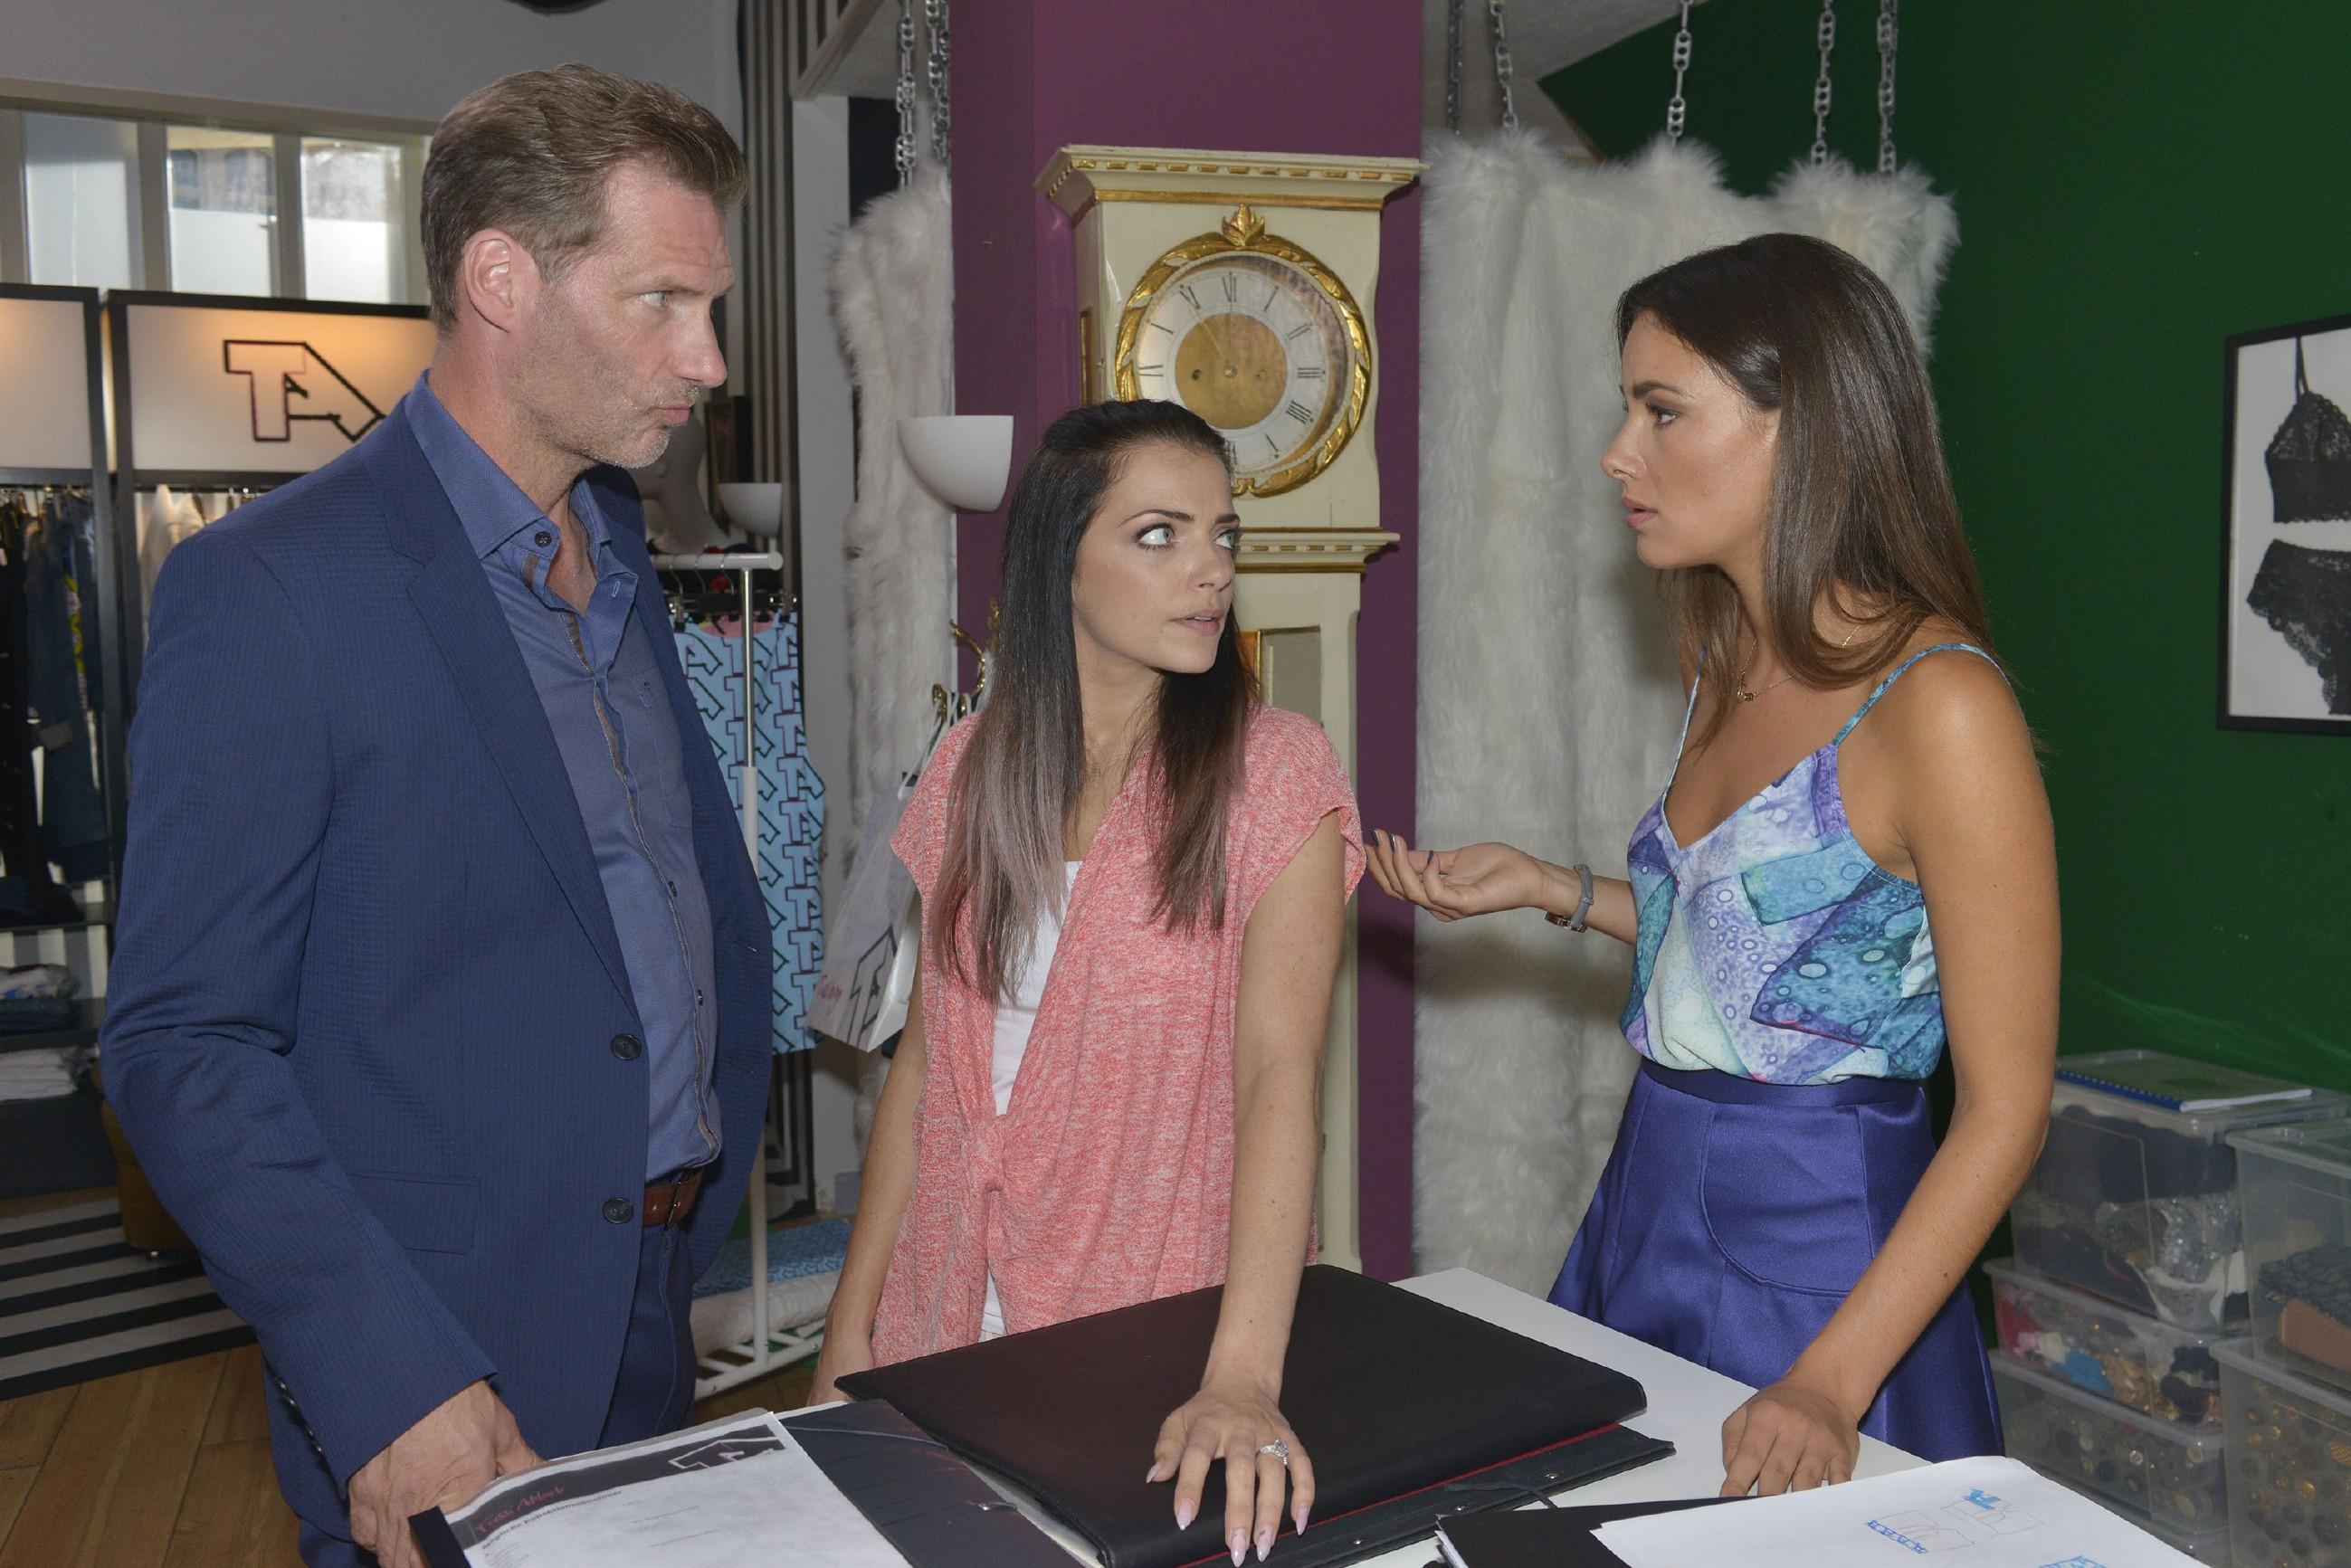 Als Alexander (Clemens Löhr) und Jasmin (Janina Uhse, r.) über das anstehende Fotoshooting besprechen, ist Emily (Anne Menden) sauer, weil sie nicht dabei sein kann.